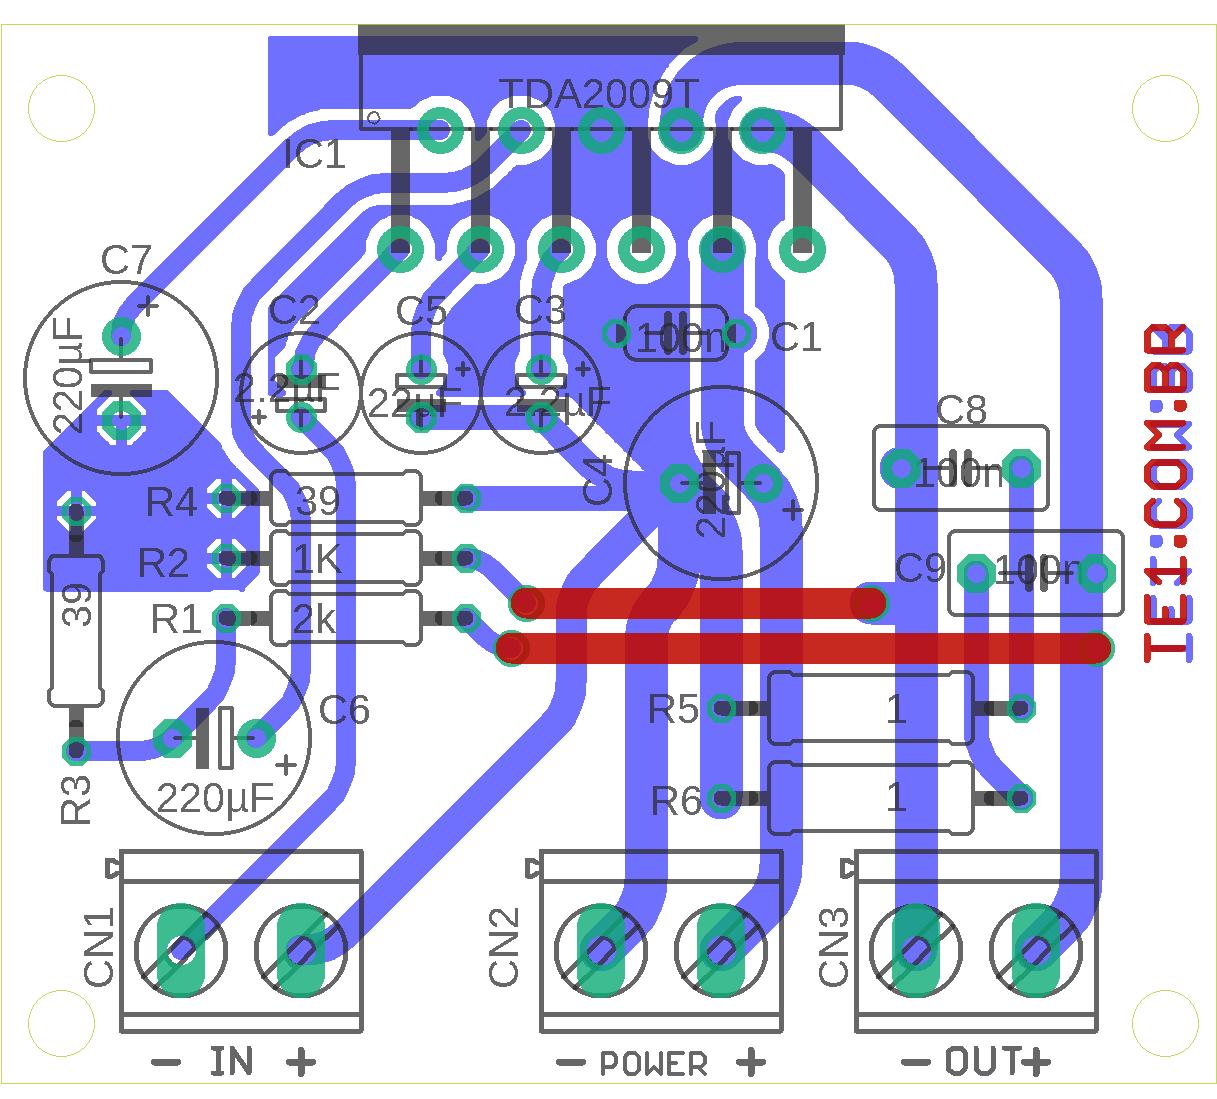 tda2004 amplificador 18w rms Circuito amplificador de 18 watts RMS em ponte usando tda2009 Circuitos Áudio